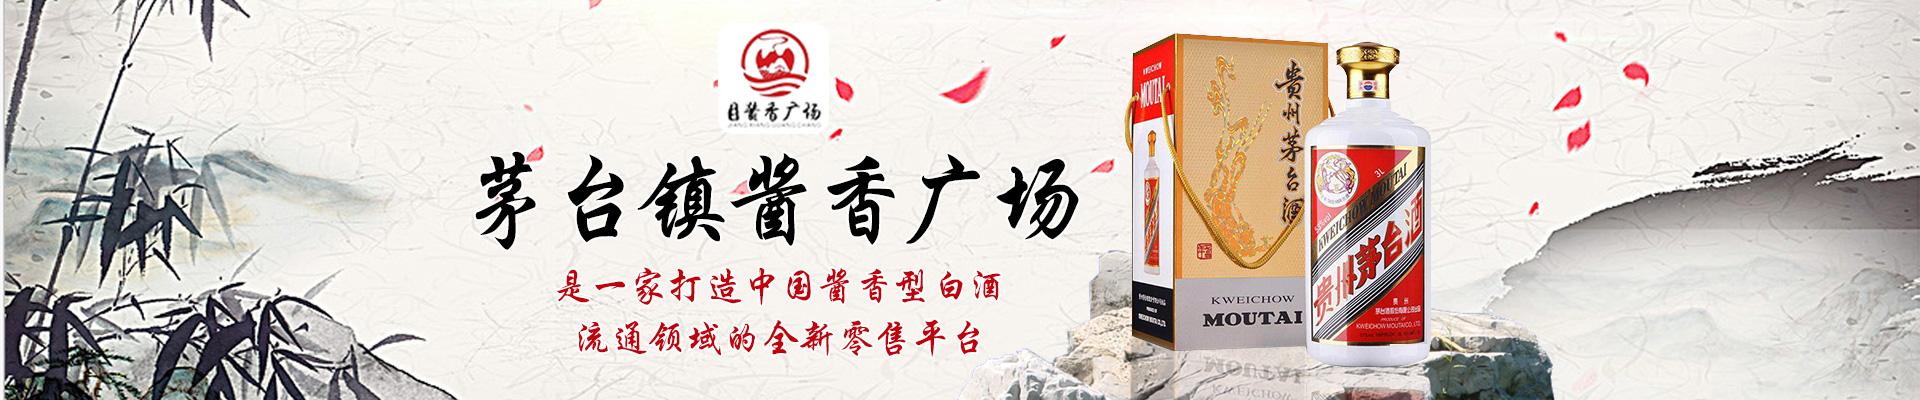 茅台镇酱香广场加盟招商